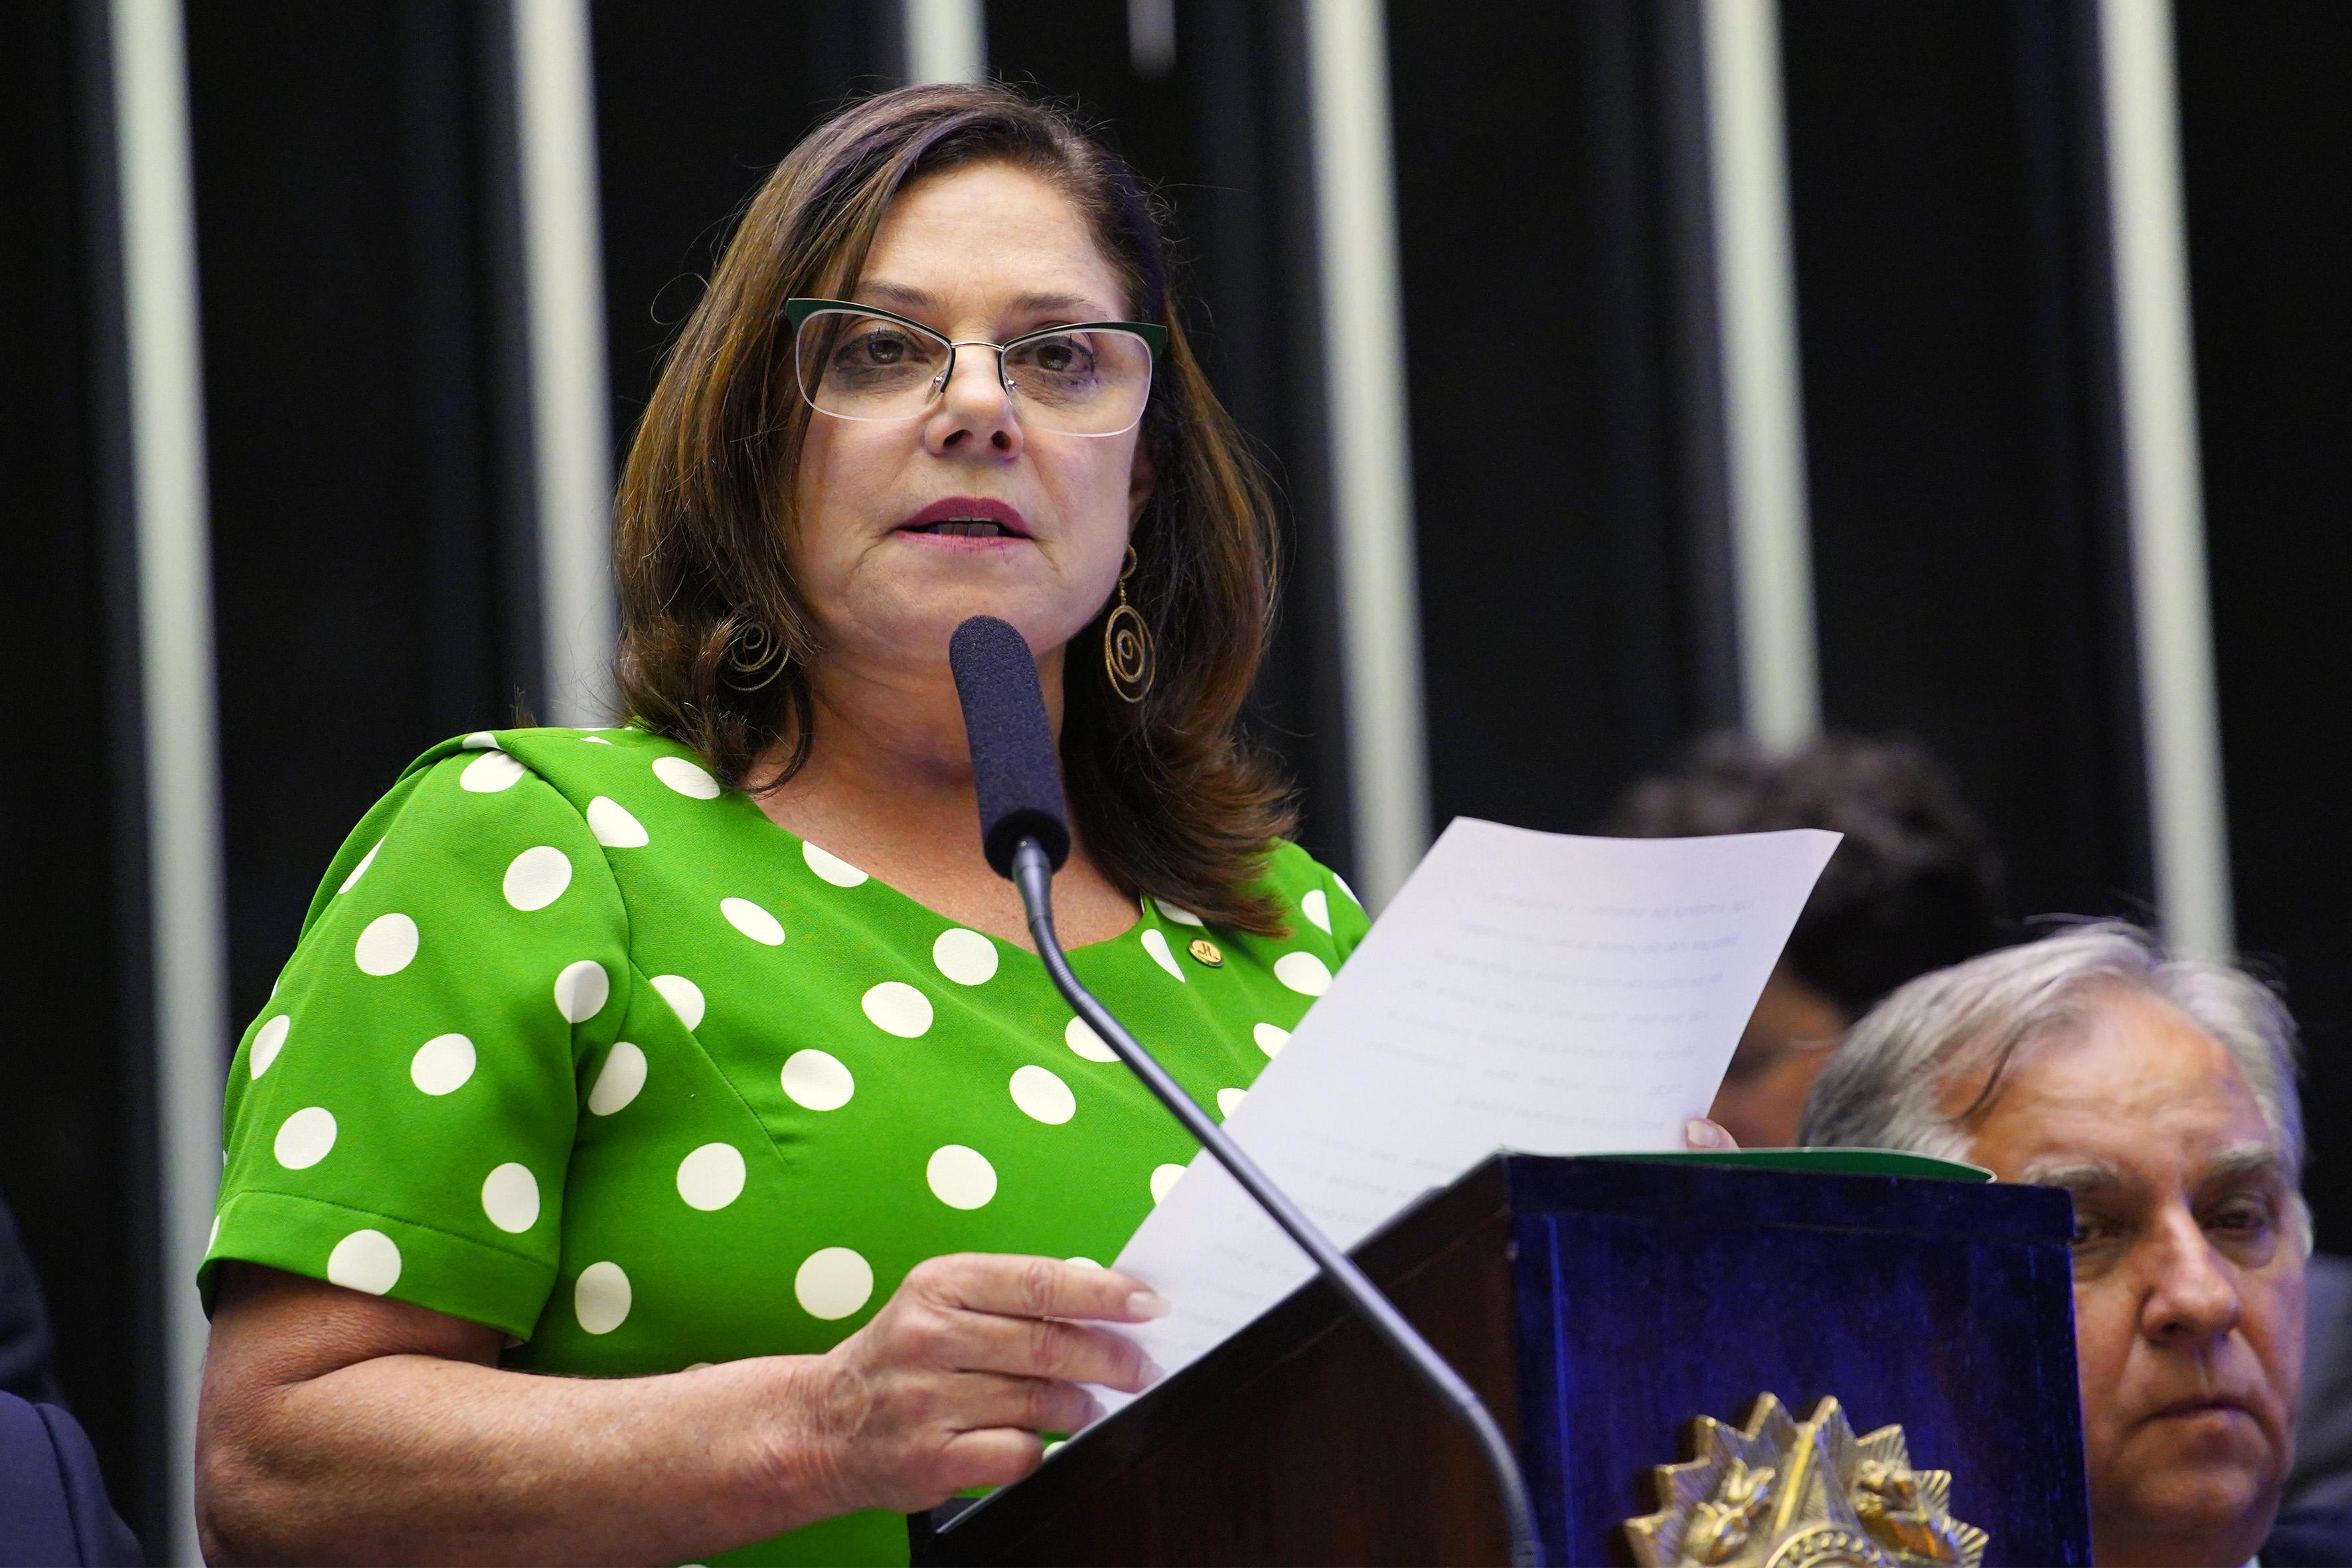 O Congresso Nacional inicia hoje os trabalhos legislativos de 2019, em sessão solene conjunta da Câmara e do Senado. 1ª secretária da câmara dos deputados, dep. Soraya Santos (PR-RJ)